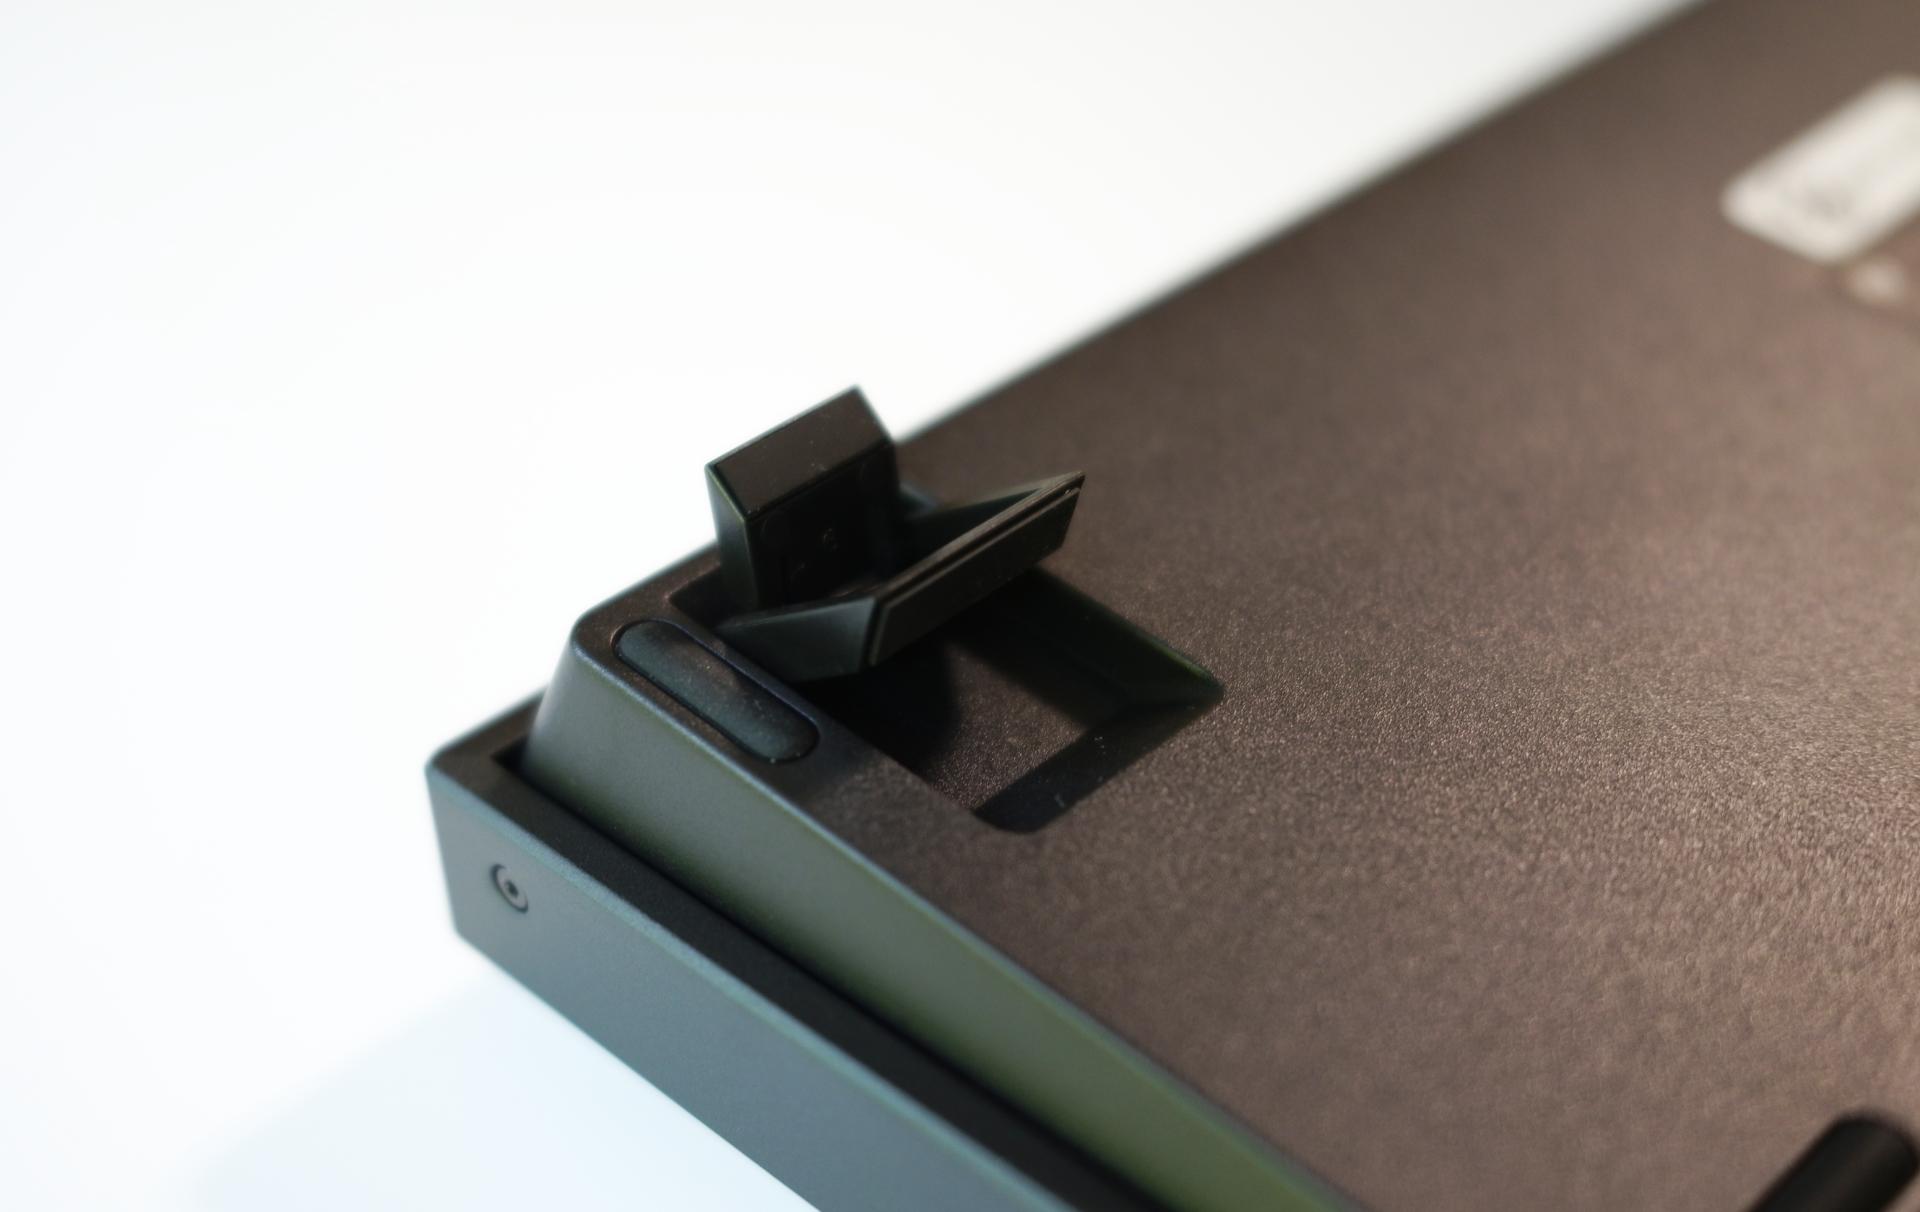 Keychron K2 日本語配列メカニカルキーボード高さ調整